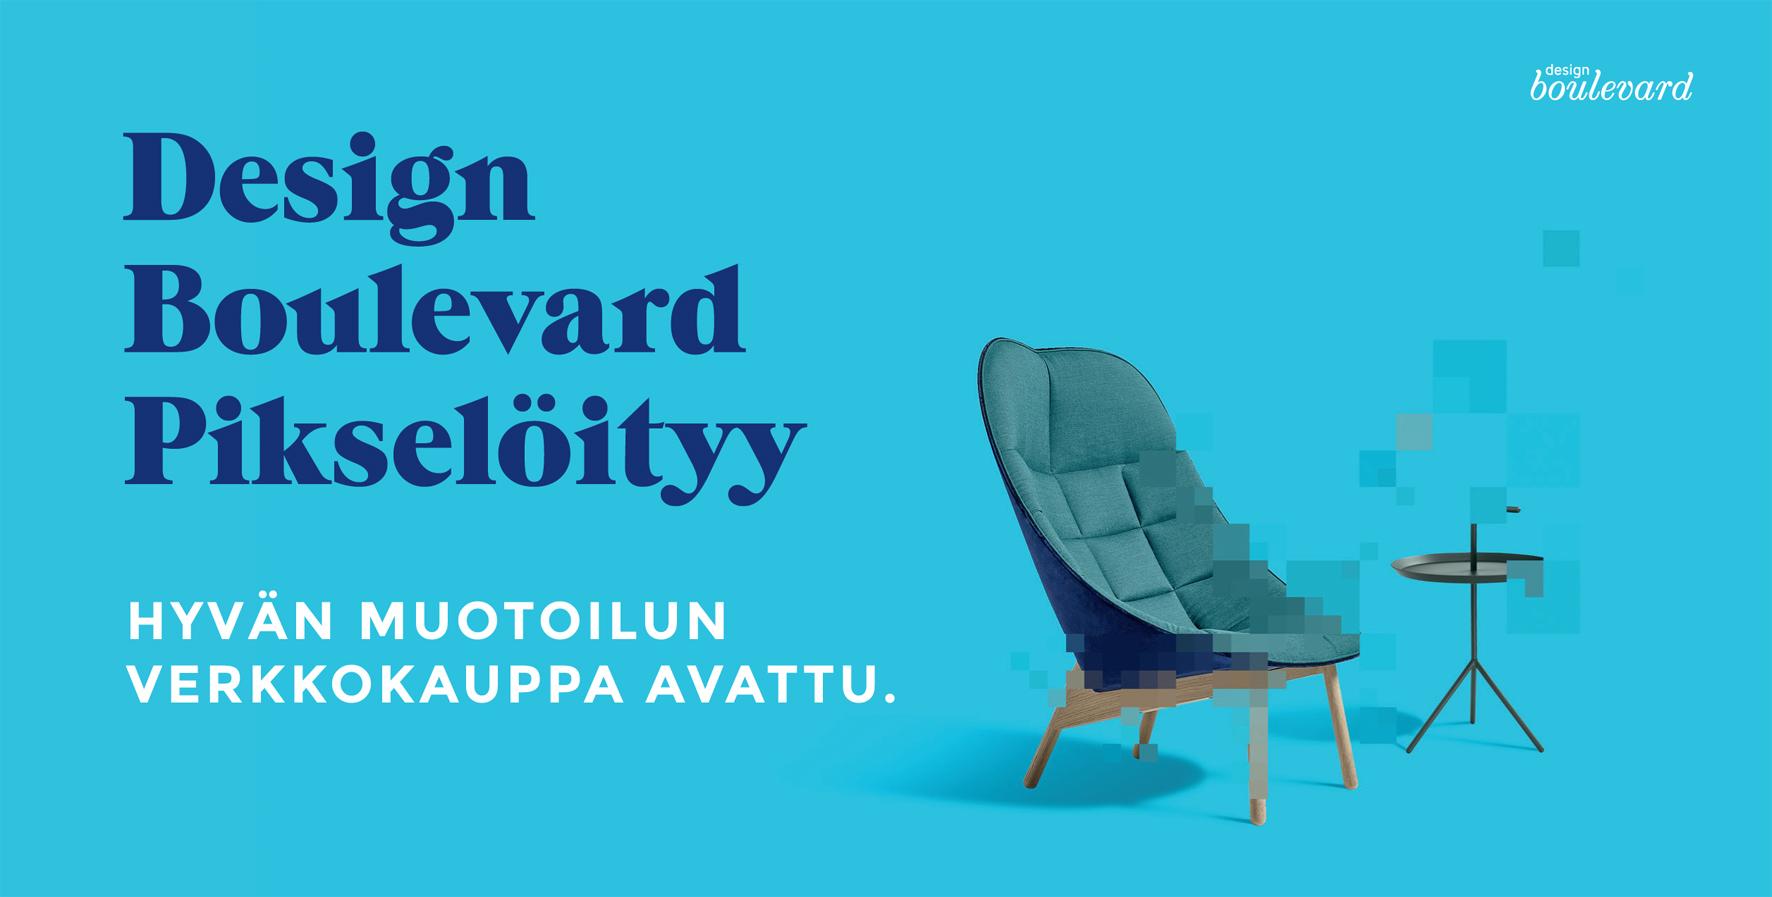 Hyvän muotoilun verkkokauppa Design Boulevard www.designboulevard.fi